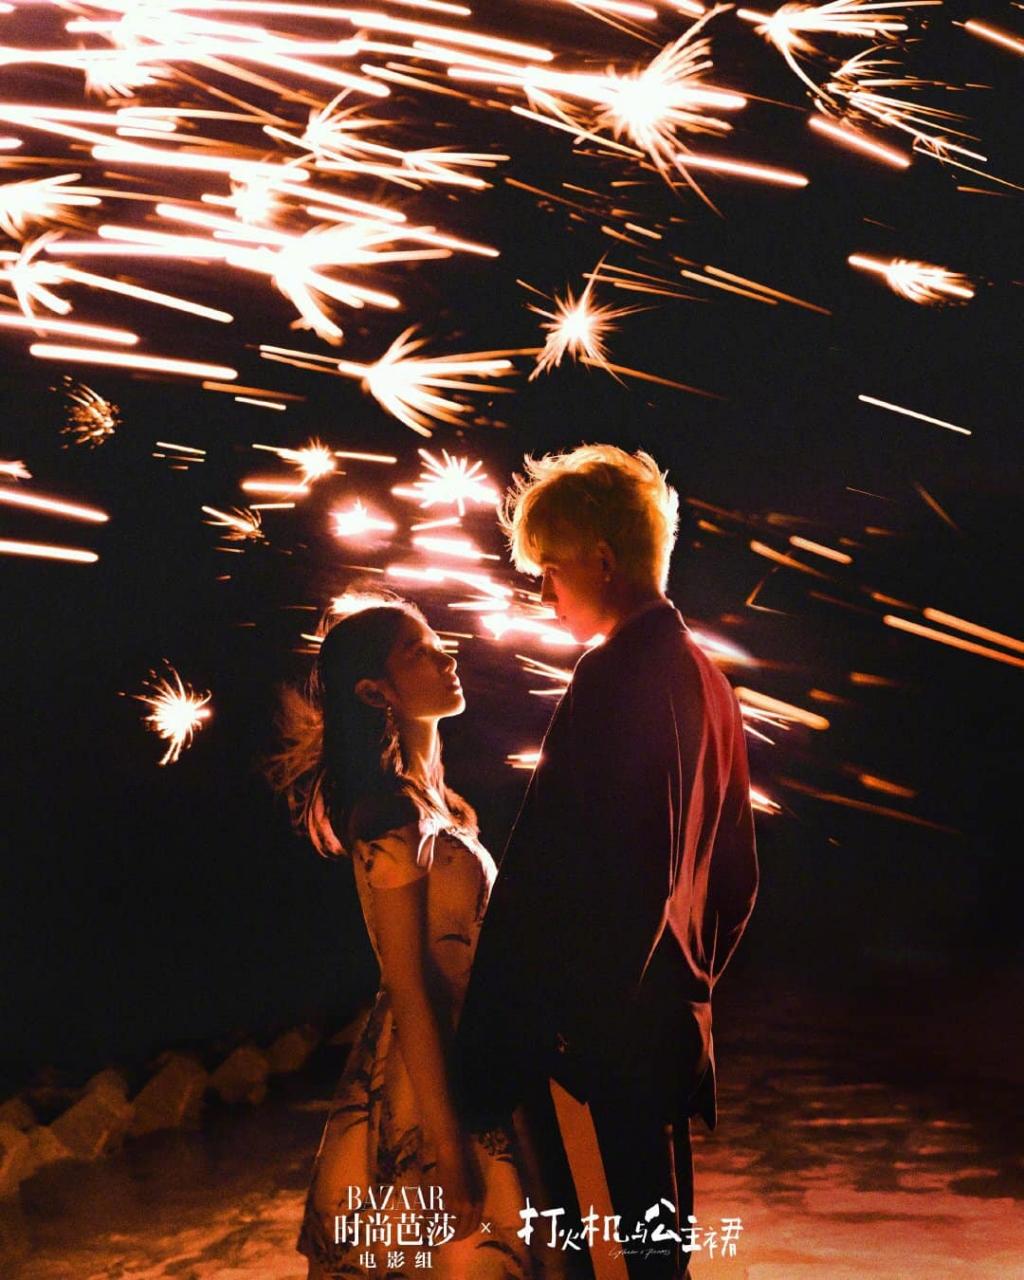 'Chiếc bật lửa và váy công chúa' chính thức công bố dàn diễn viên chính: Trần Phi Vũ và Trương Tịnh Nghi đẹp tựa trong tranh